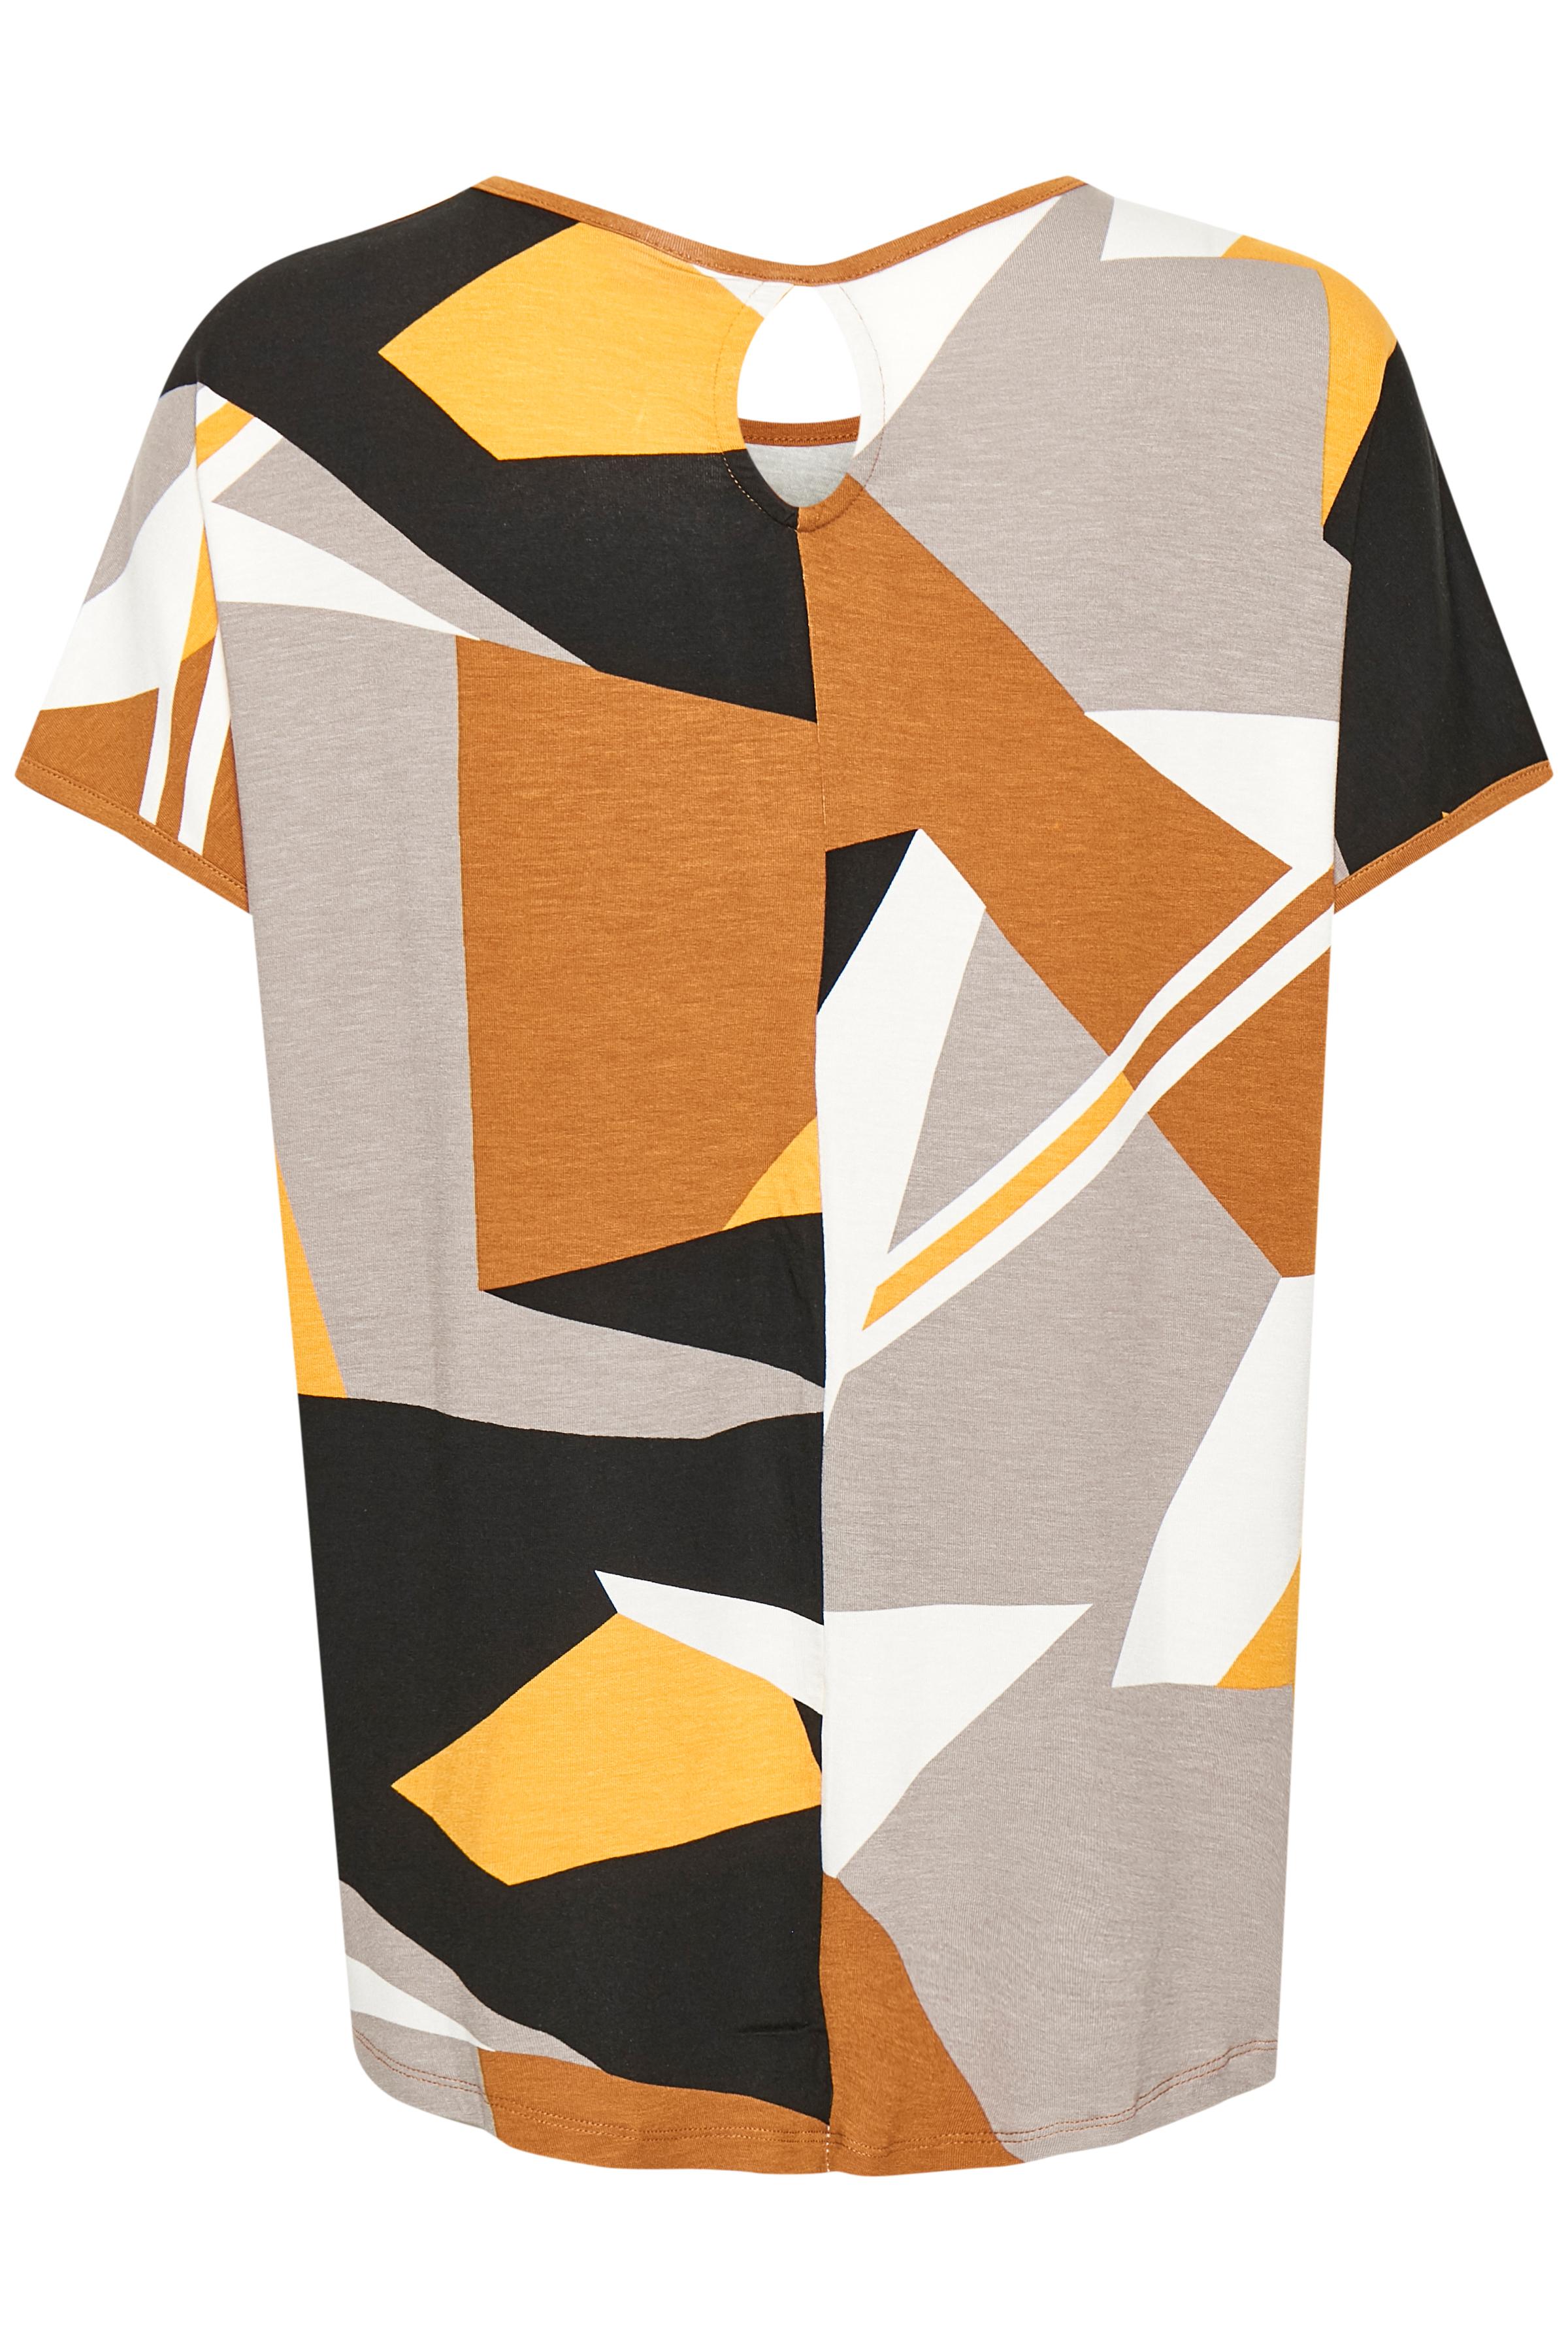 Karry/grå Kortærmet T-shirt fra Fransa – Køb Karry/grå Kortærmet T-shirt fra str. XS-XXL her